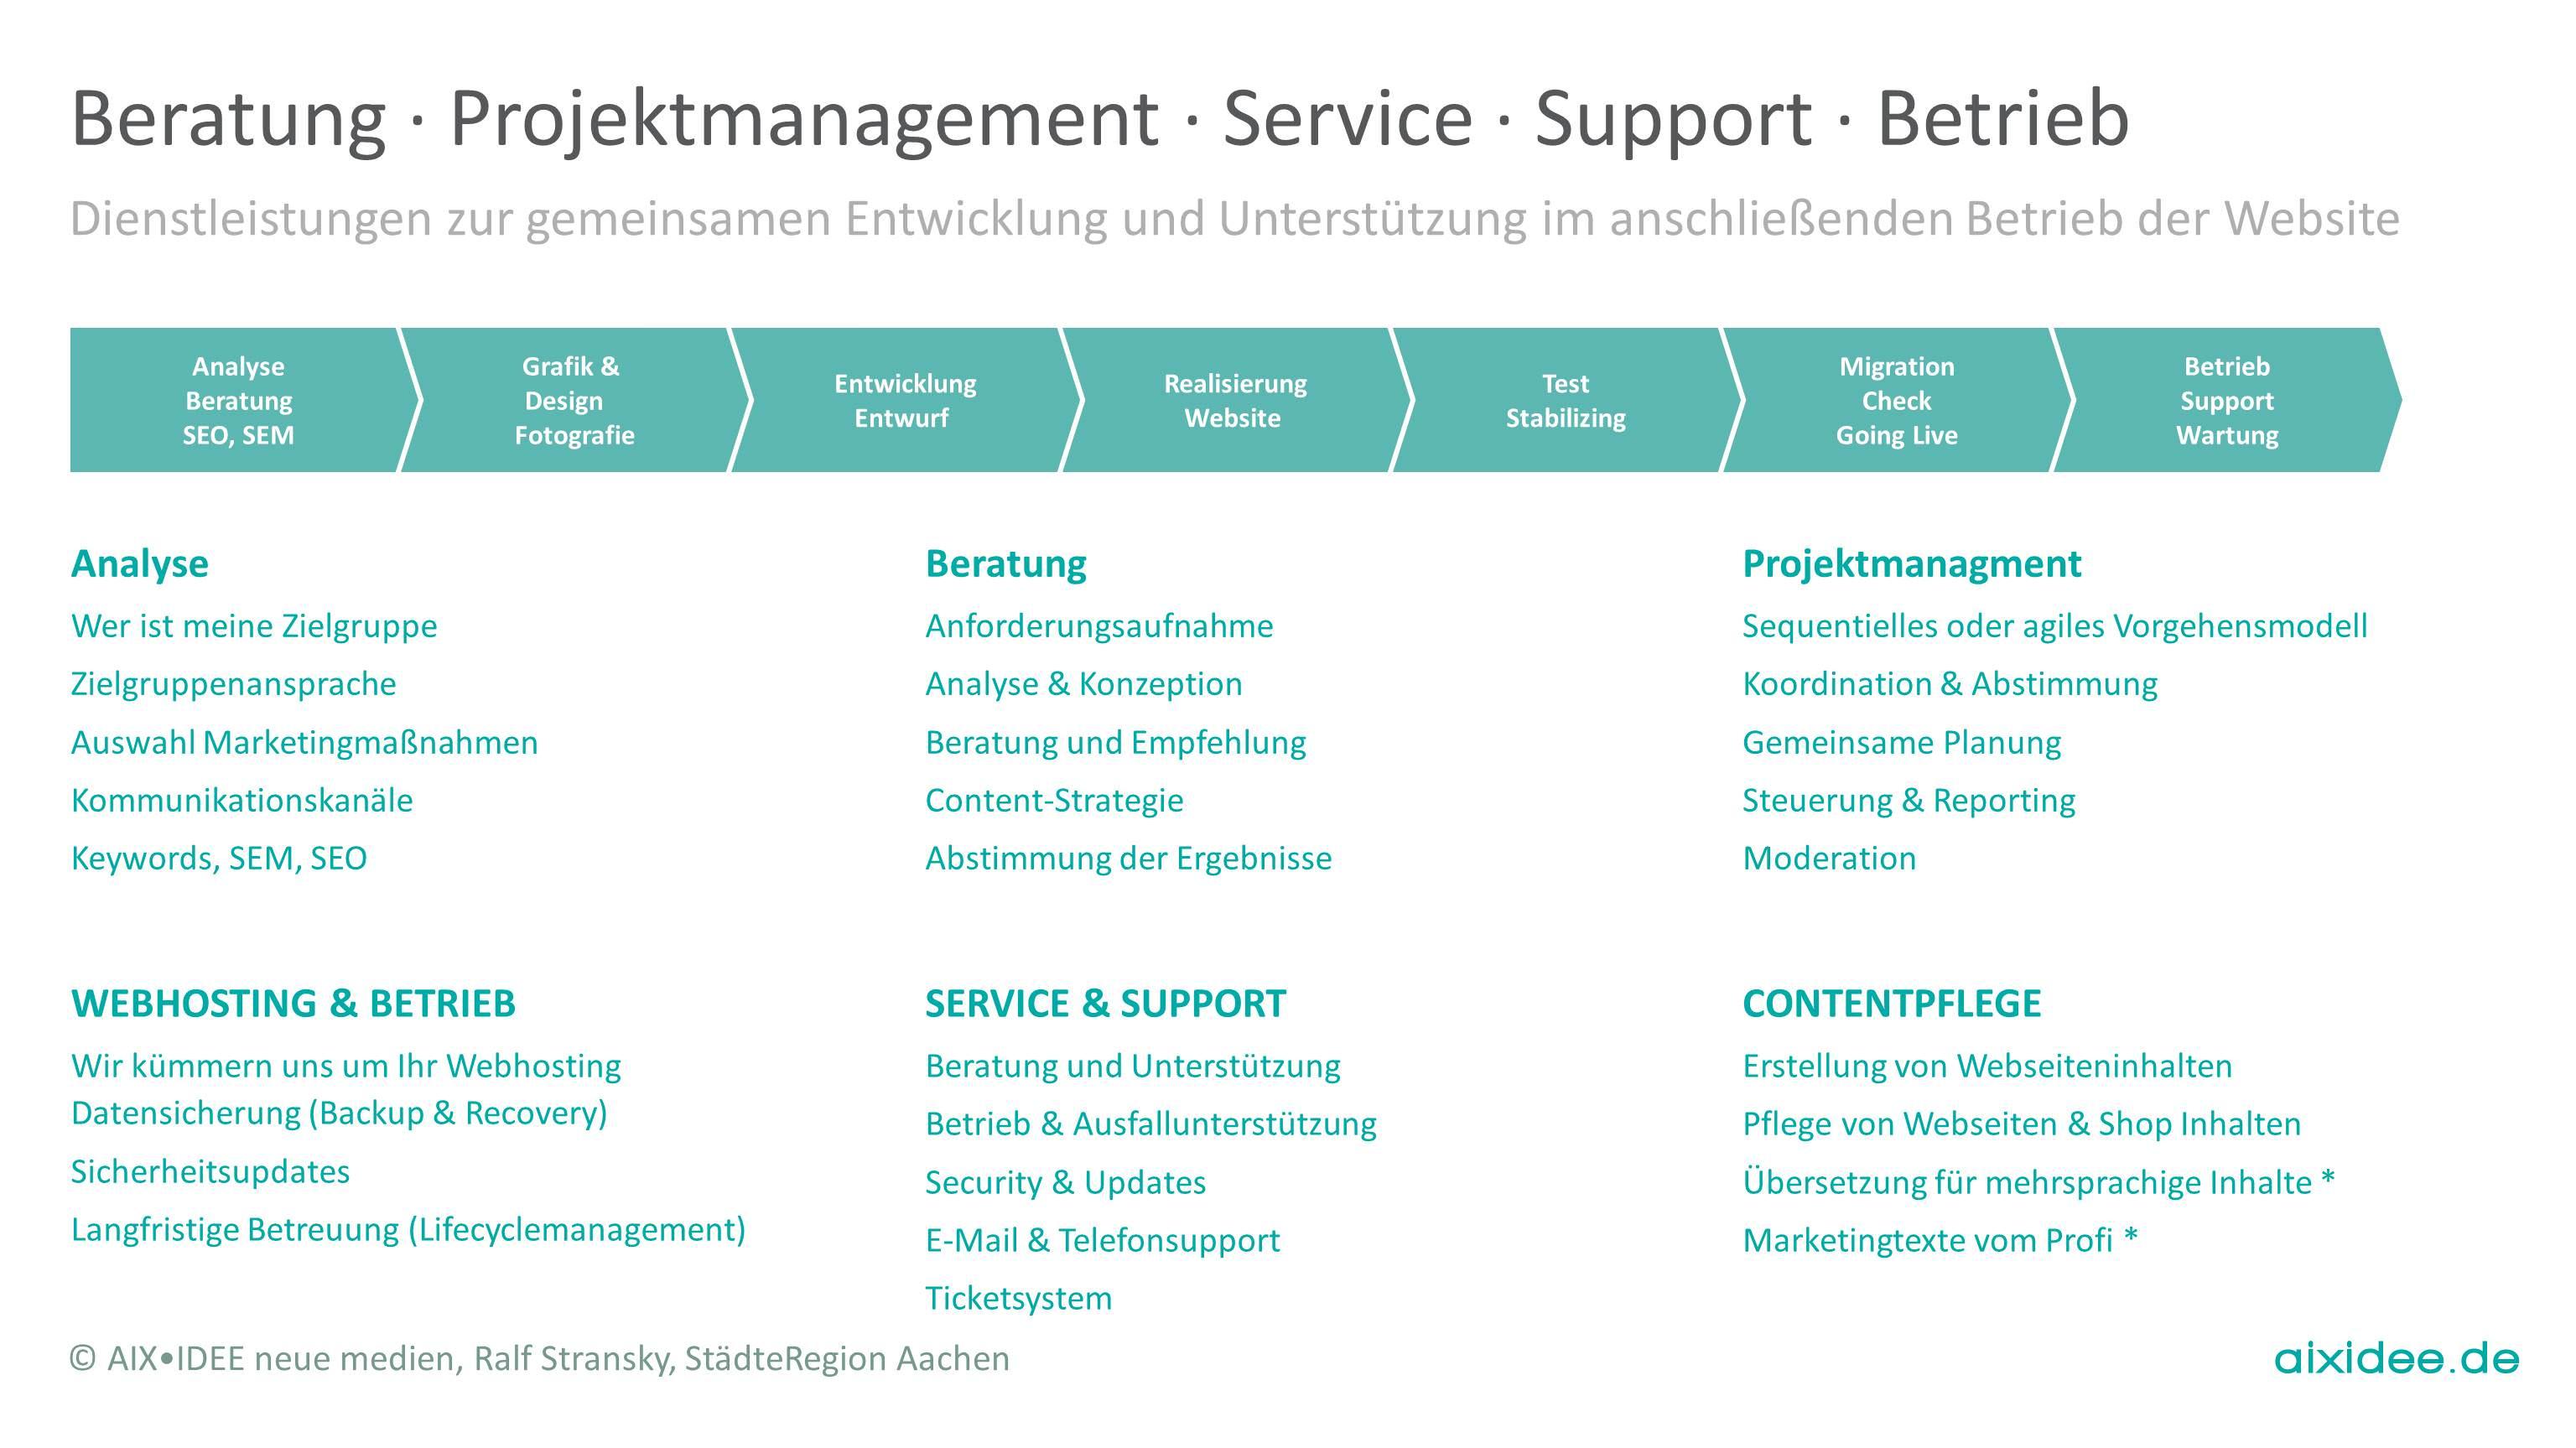 Dienstleistungen zur gemeinsamen Entwicklung und Unterstützung im anschließenden Betrieb der Website